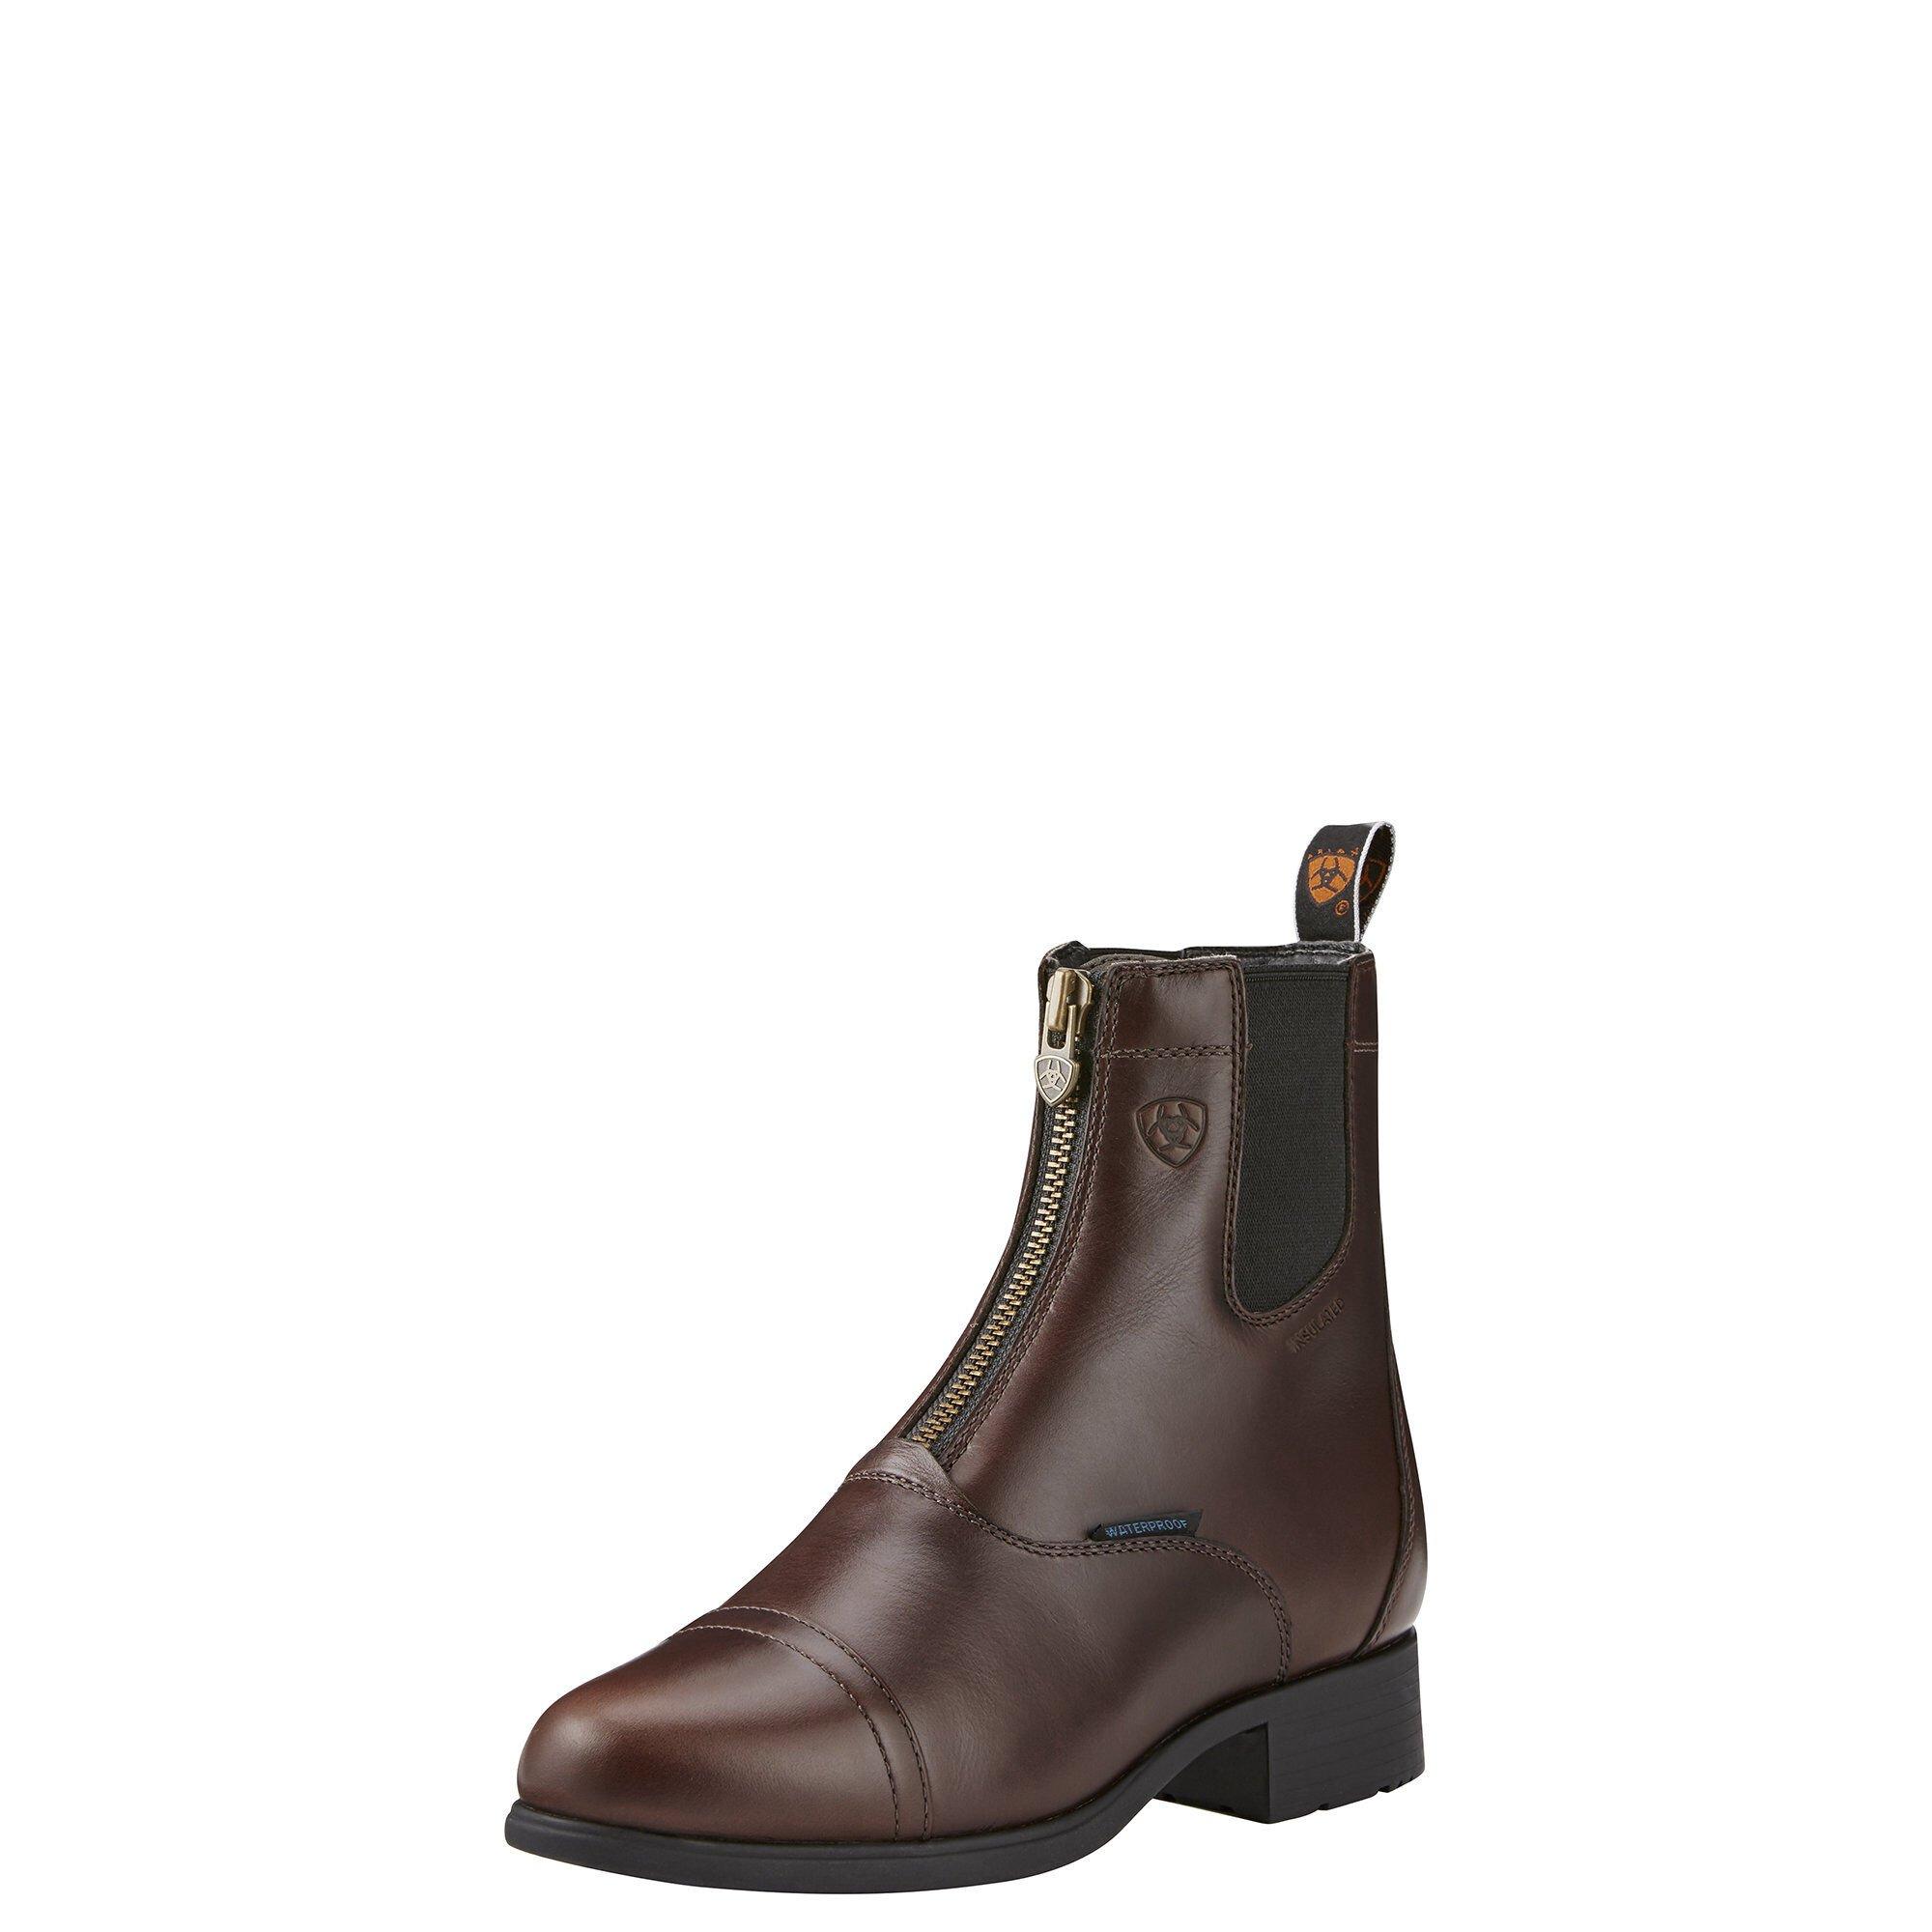 Bromont Pro Zip Paddock Waterproof Insulated Paddock Boot